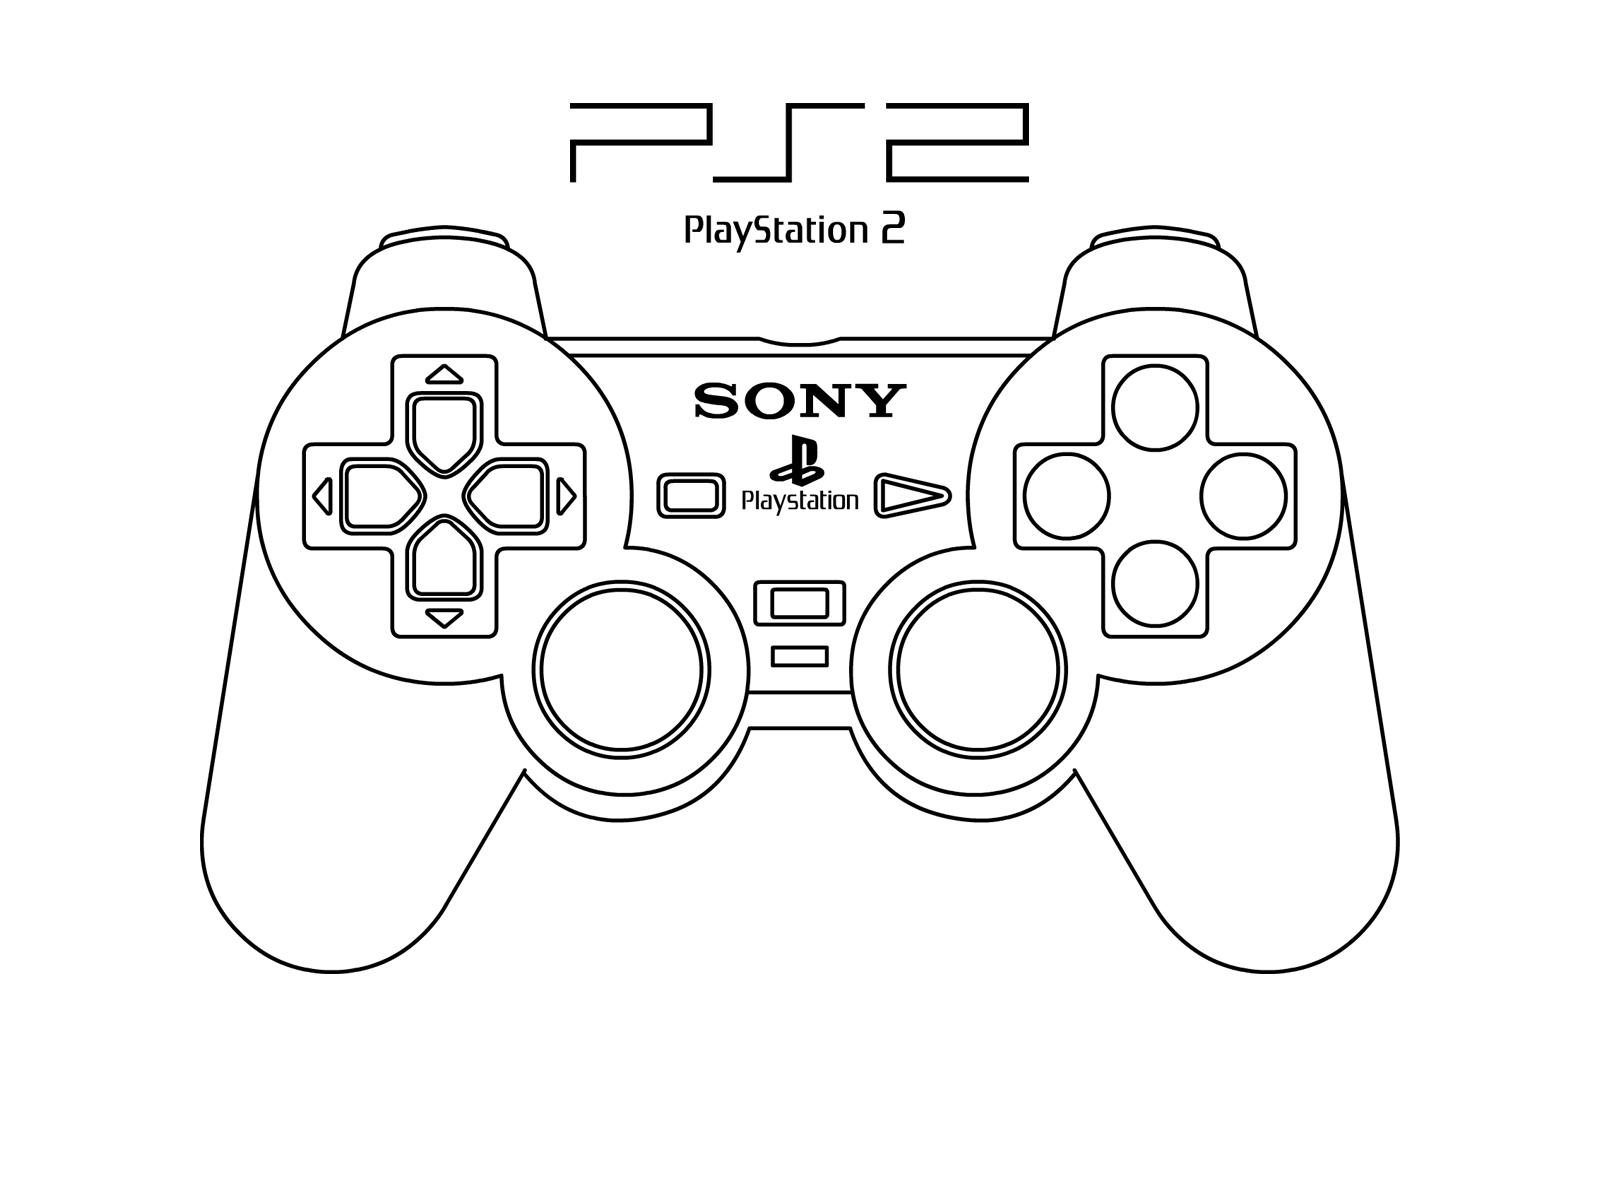 1600x1200 Playstation 2 Pad By Oloff3